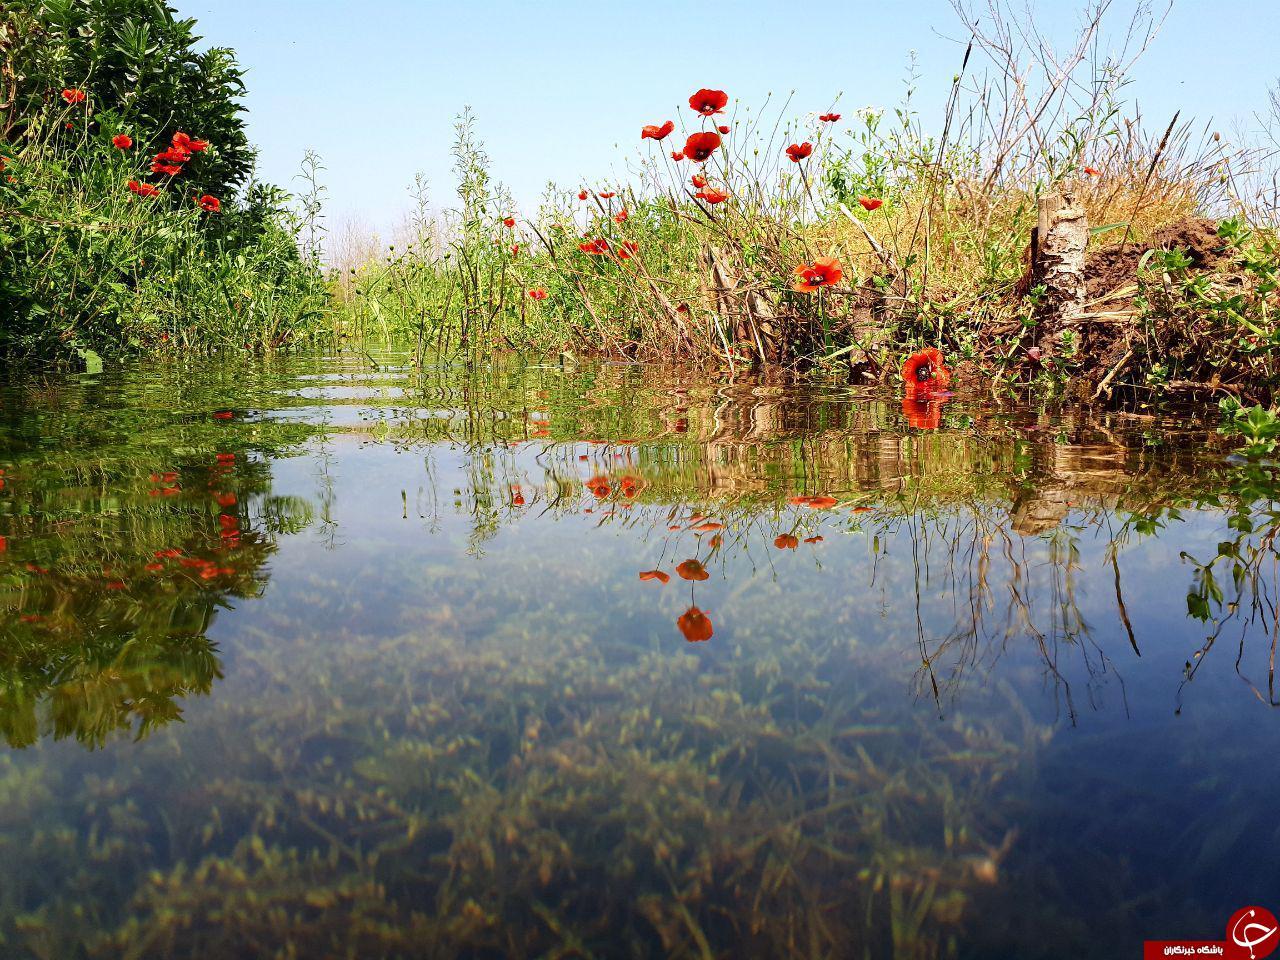 نمایی از طبیعت بهاری در لنگرود + تصاویر